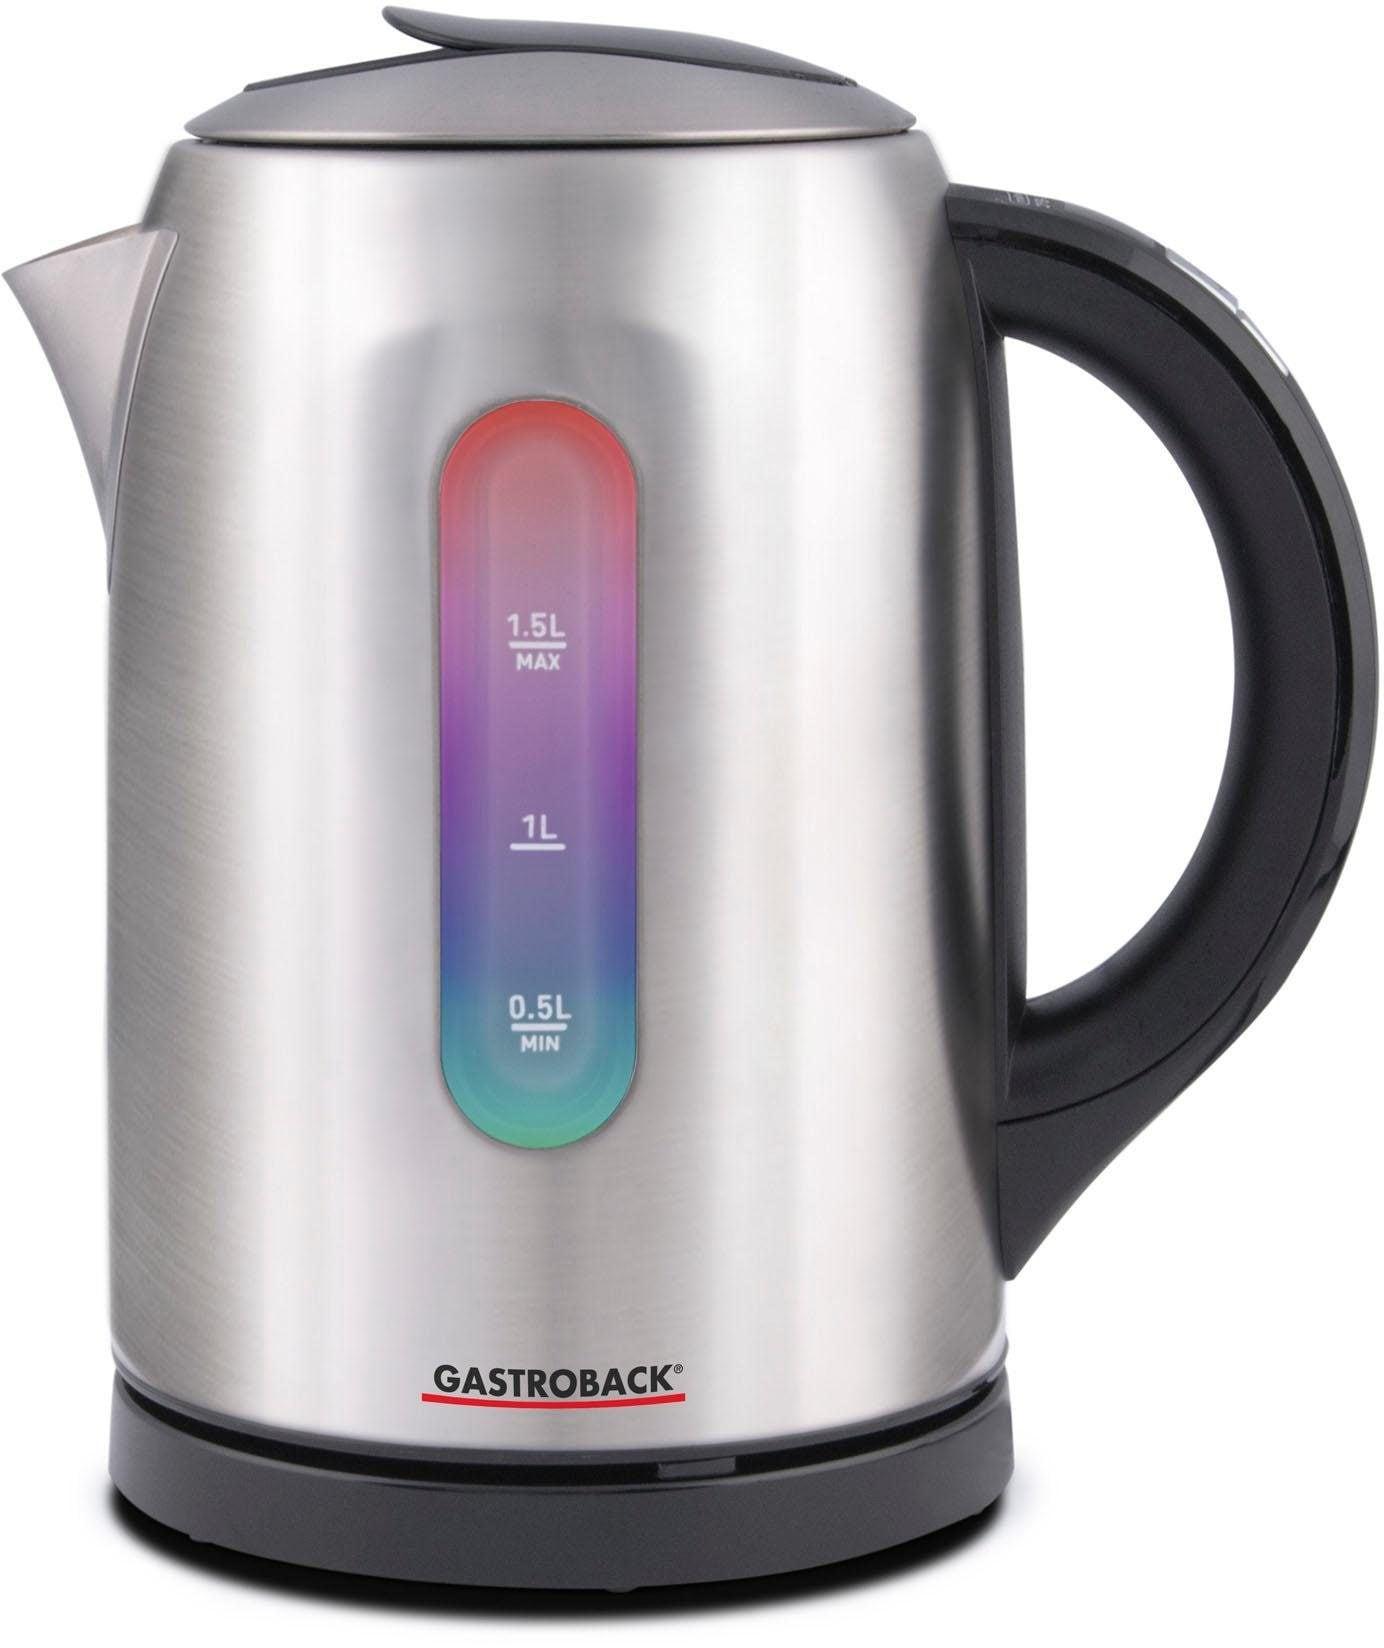 Wasserkocher Edelstahl 4709 Preisvergleich Die Besten Angebote